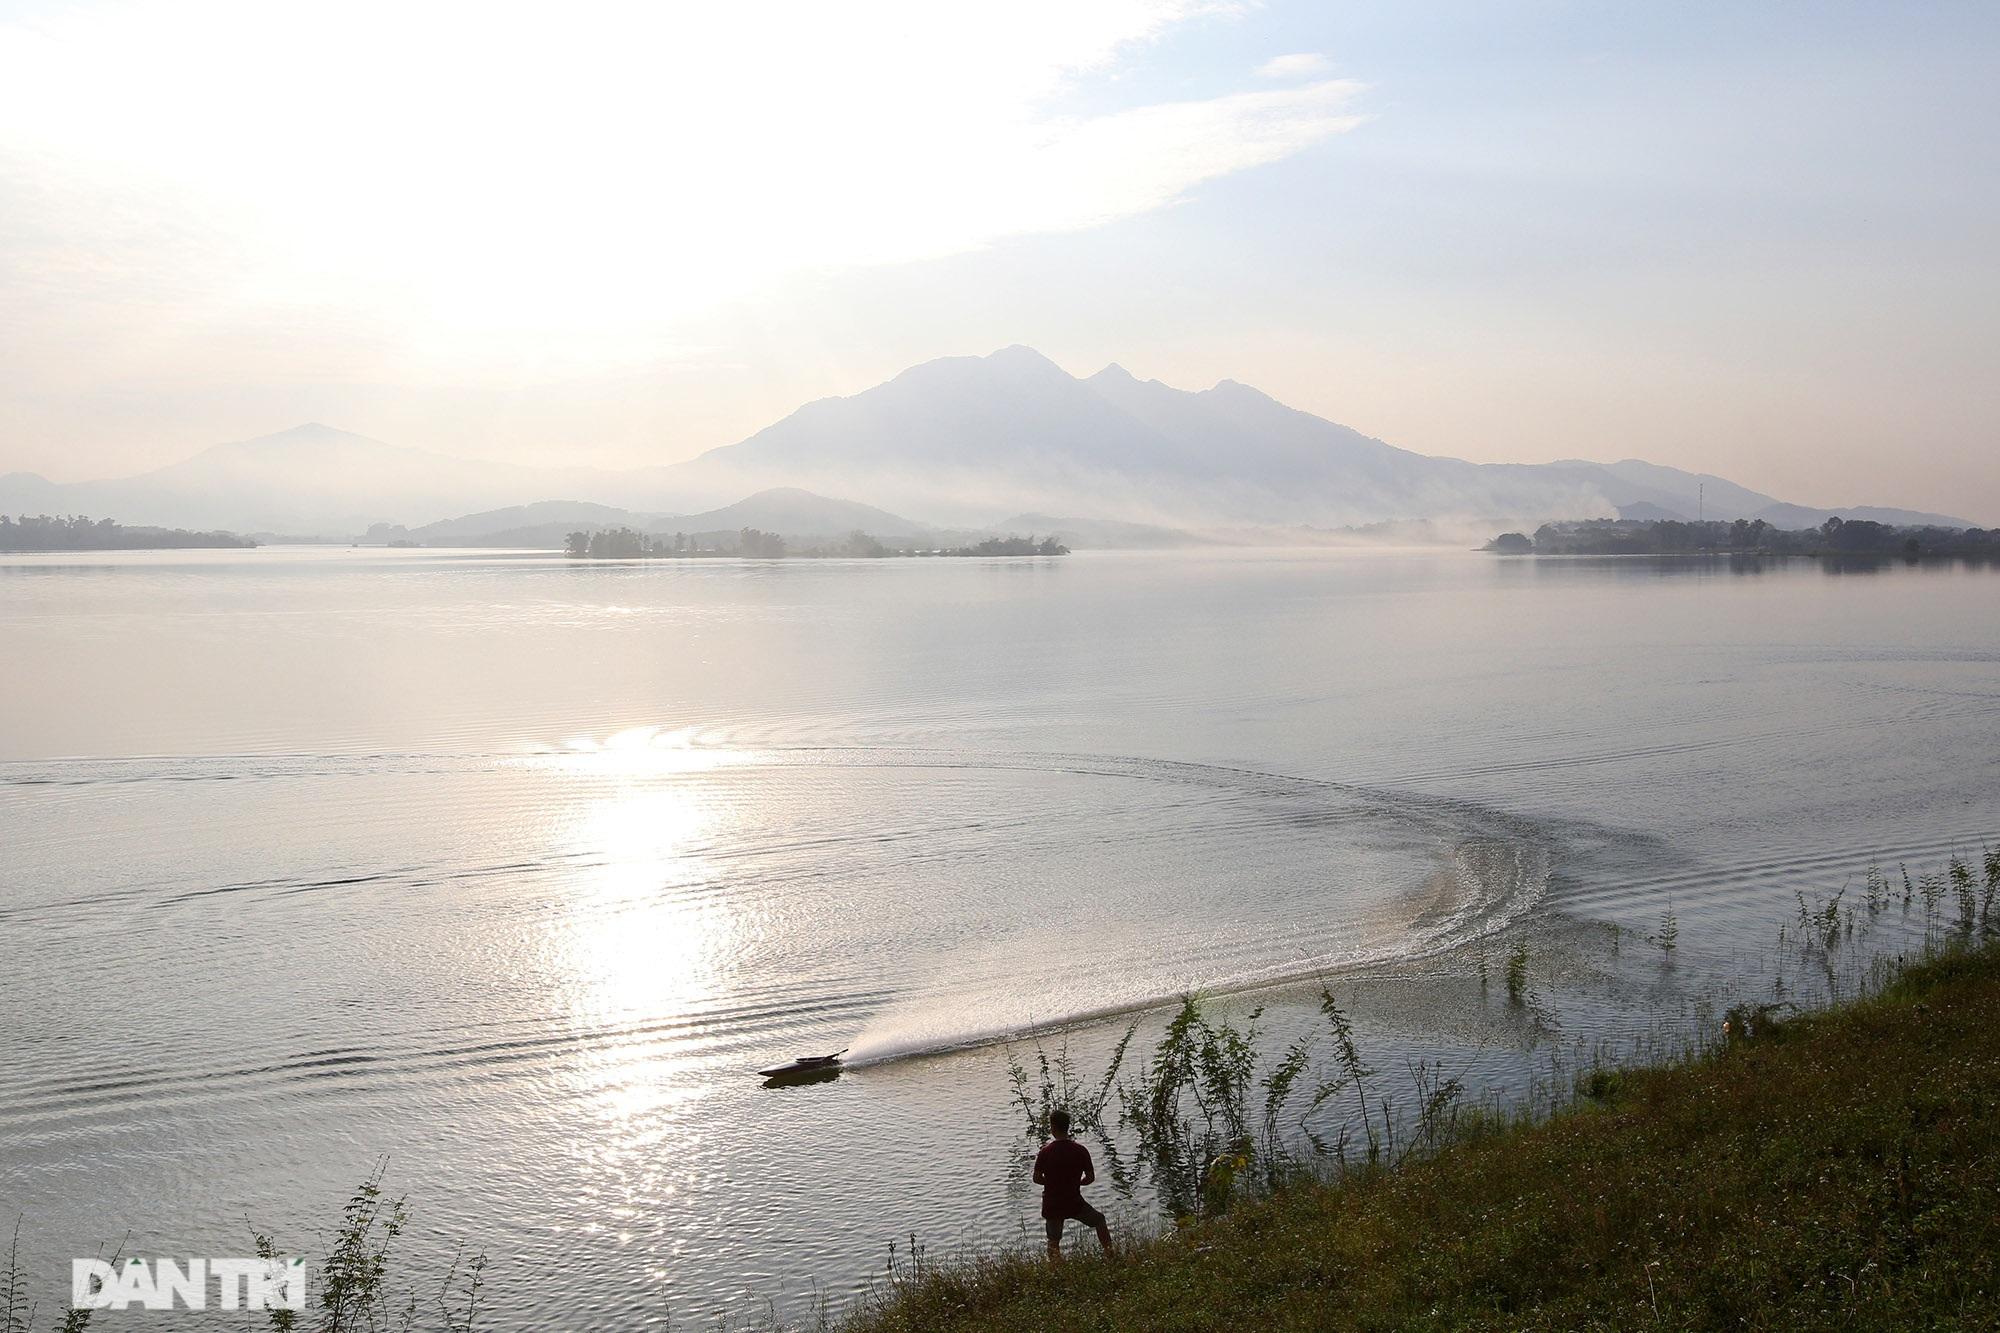 Núi thiêng gần Hà Nội đẹp mê mải nhìn từ muôn phương tám hướng - 4